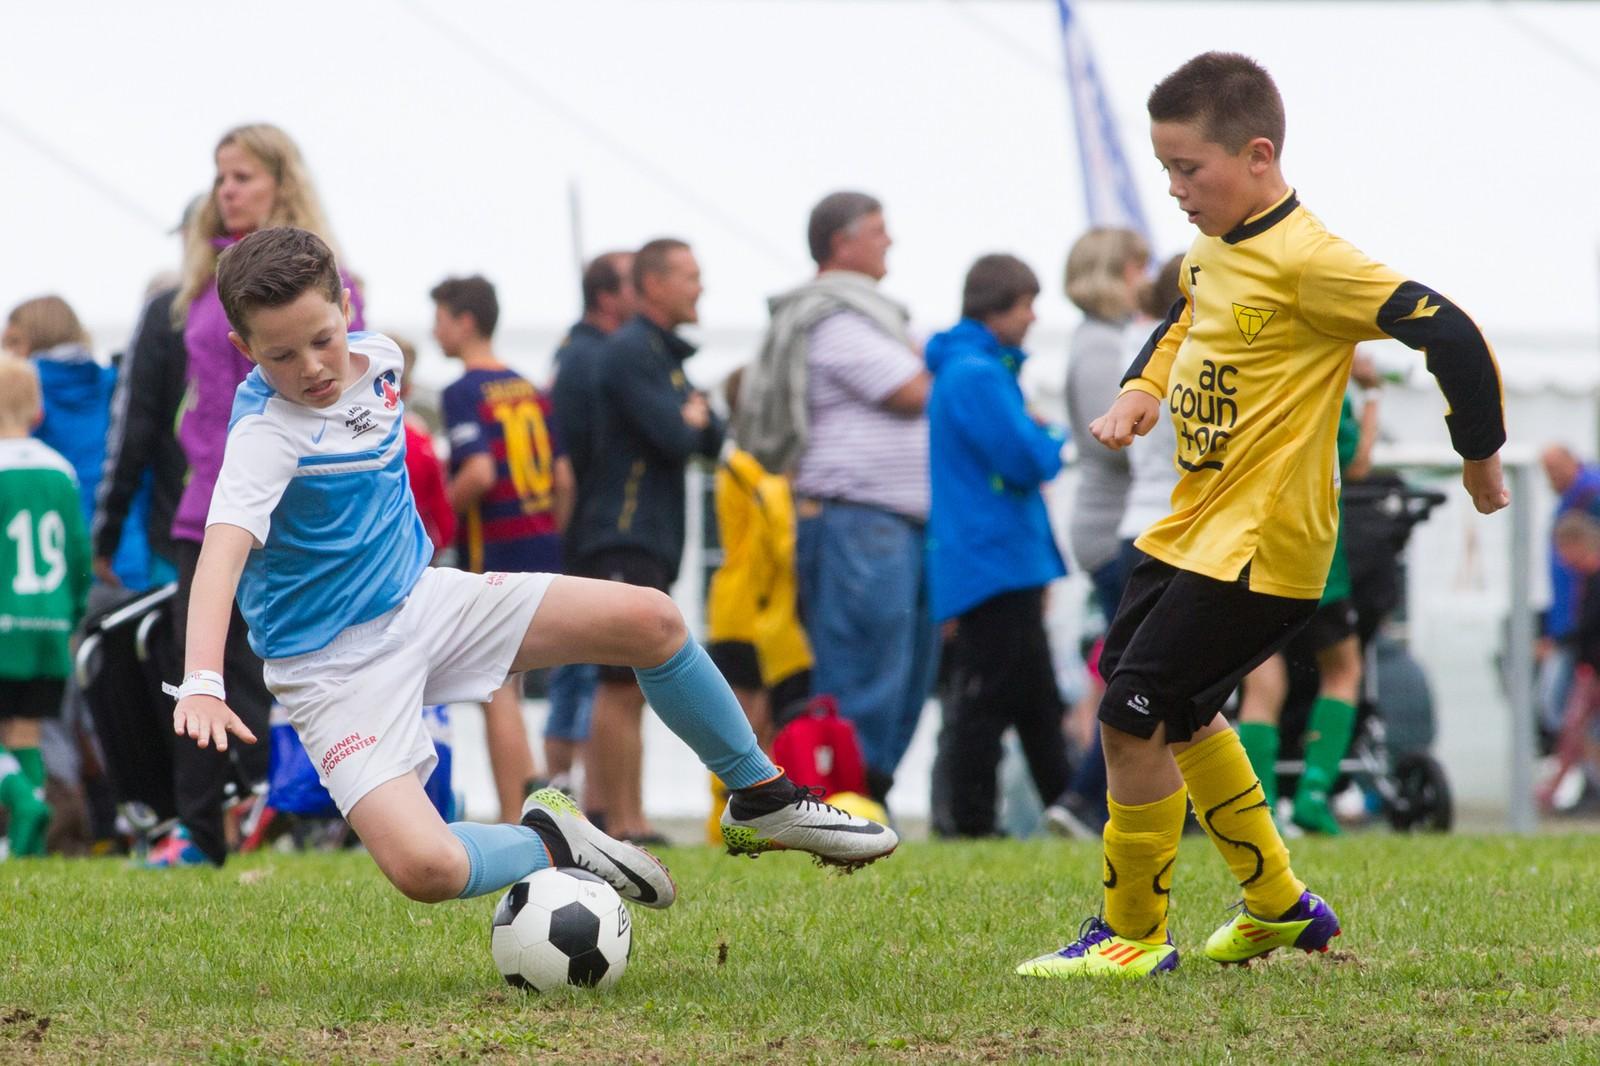 Nokre skrubsår blir det nok når over 3500 fotballspelarar møtast til kring 800 kampar.